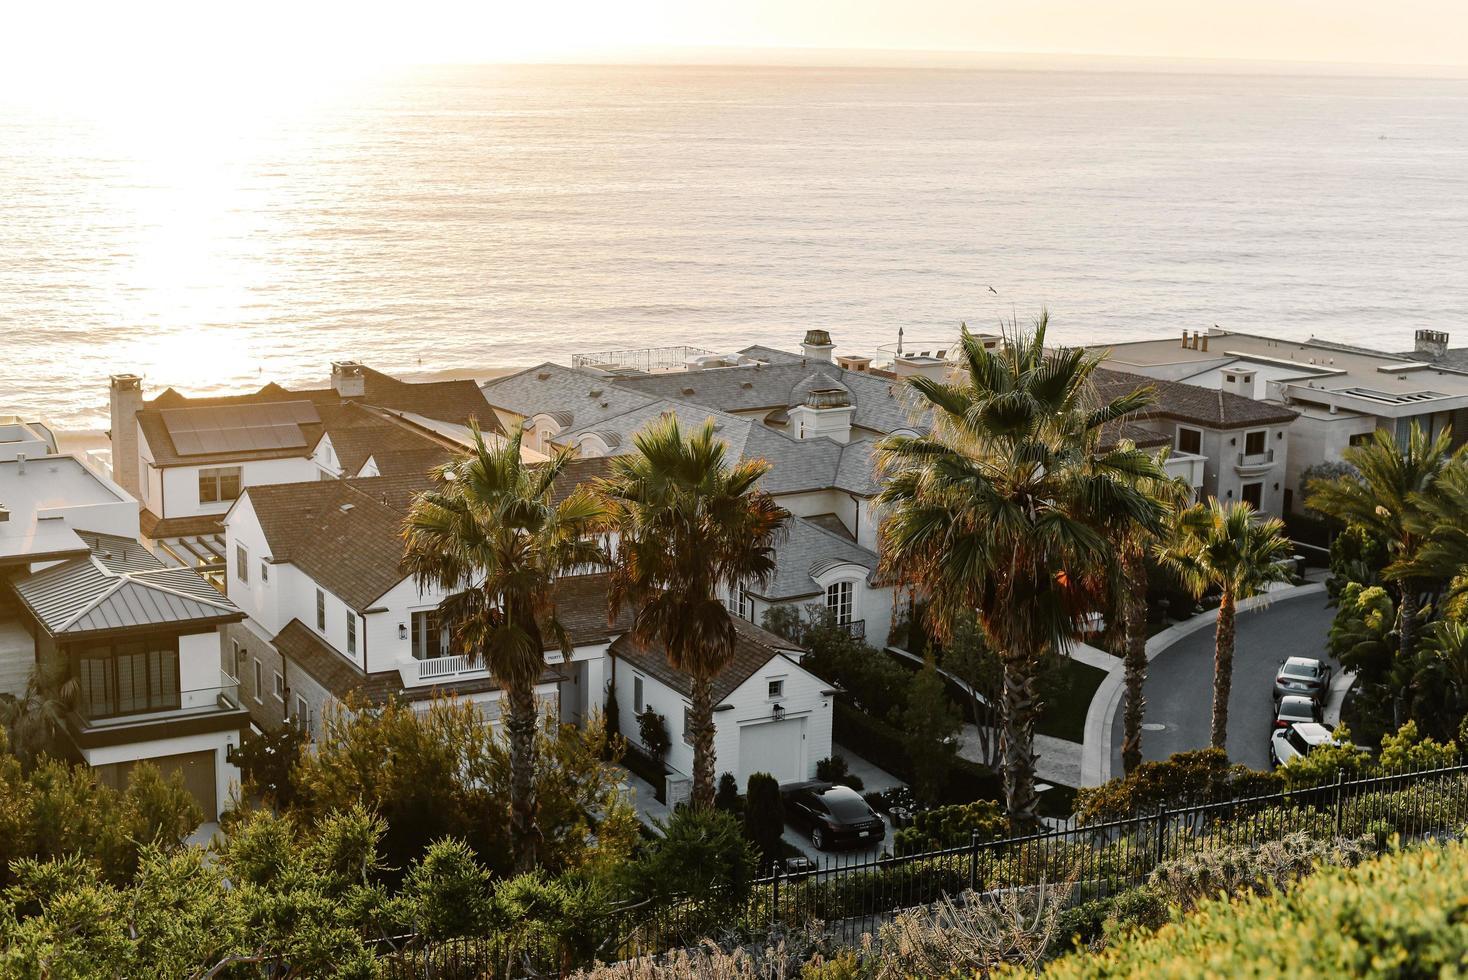 casas de hormigón blanco cerca del mar durante el día foto